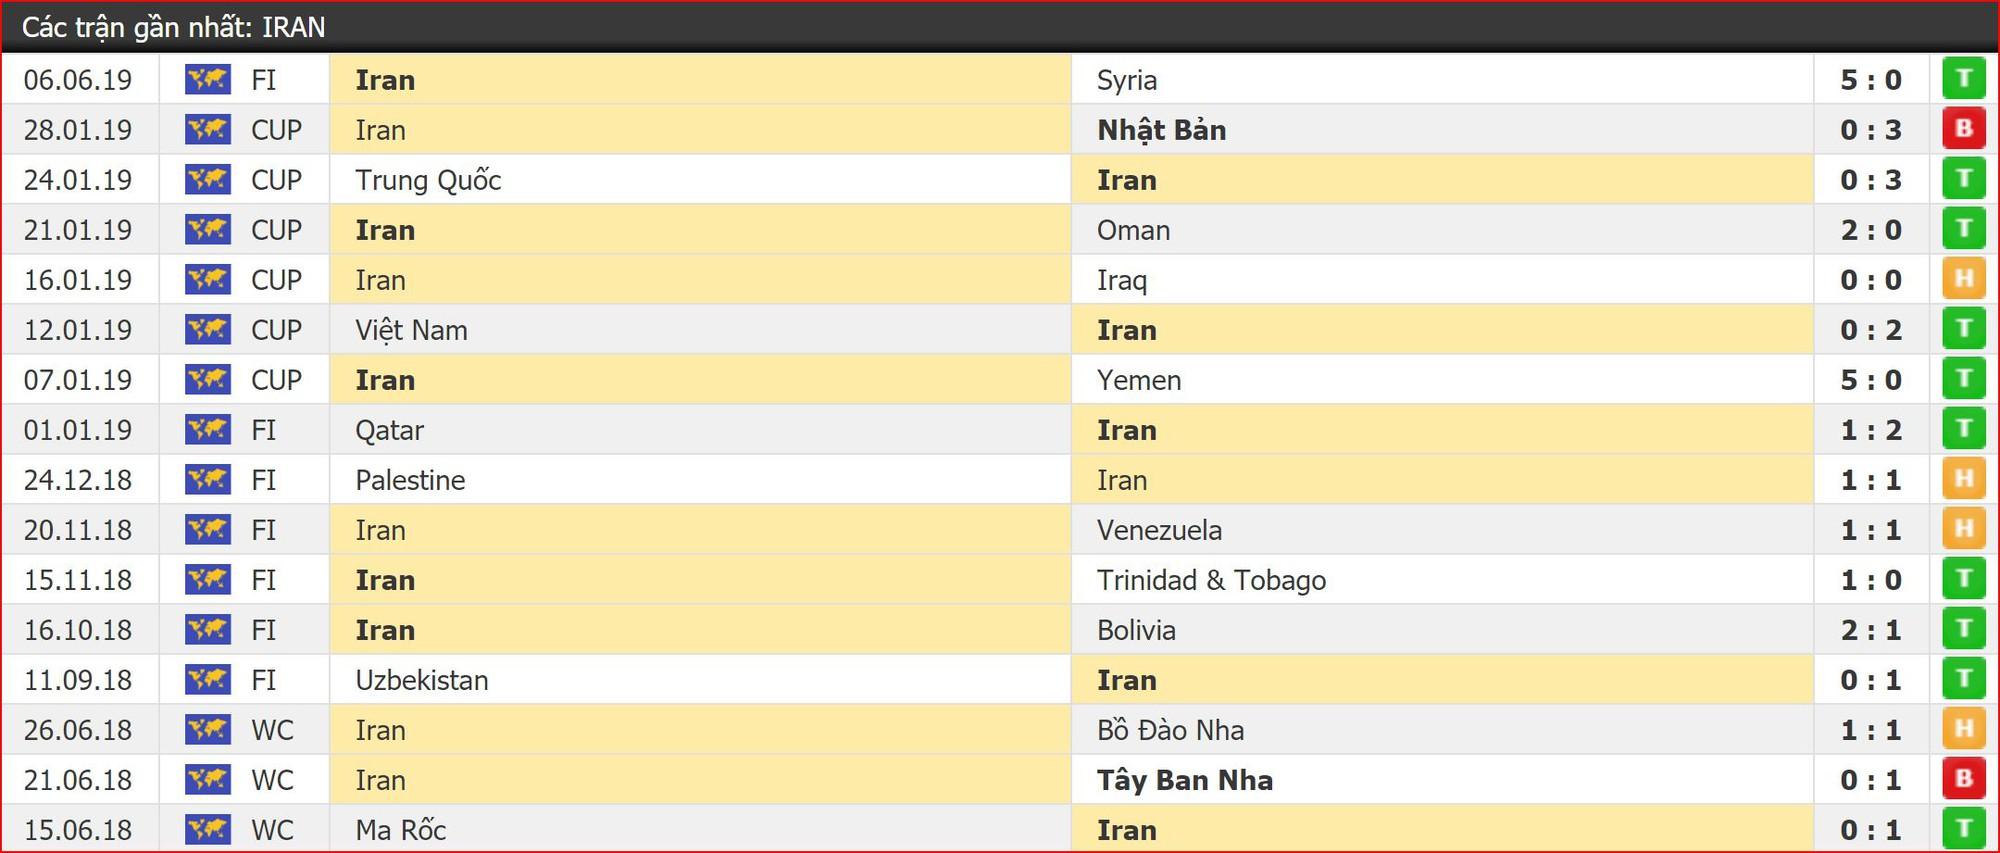 Nhận định bóng đá Hàn Quốc vs Iran (18h00, 11/6) Giao hữu trước thềm Vòng loại World Cup 2022 - Ảnh 3.